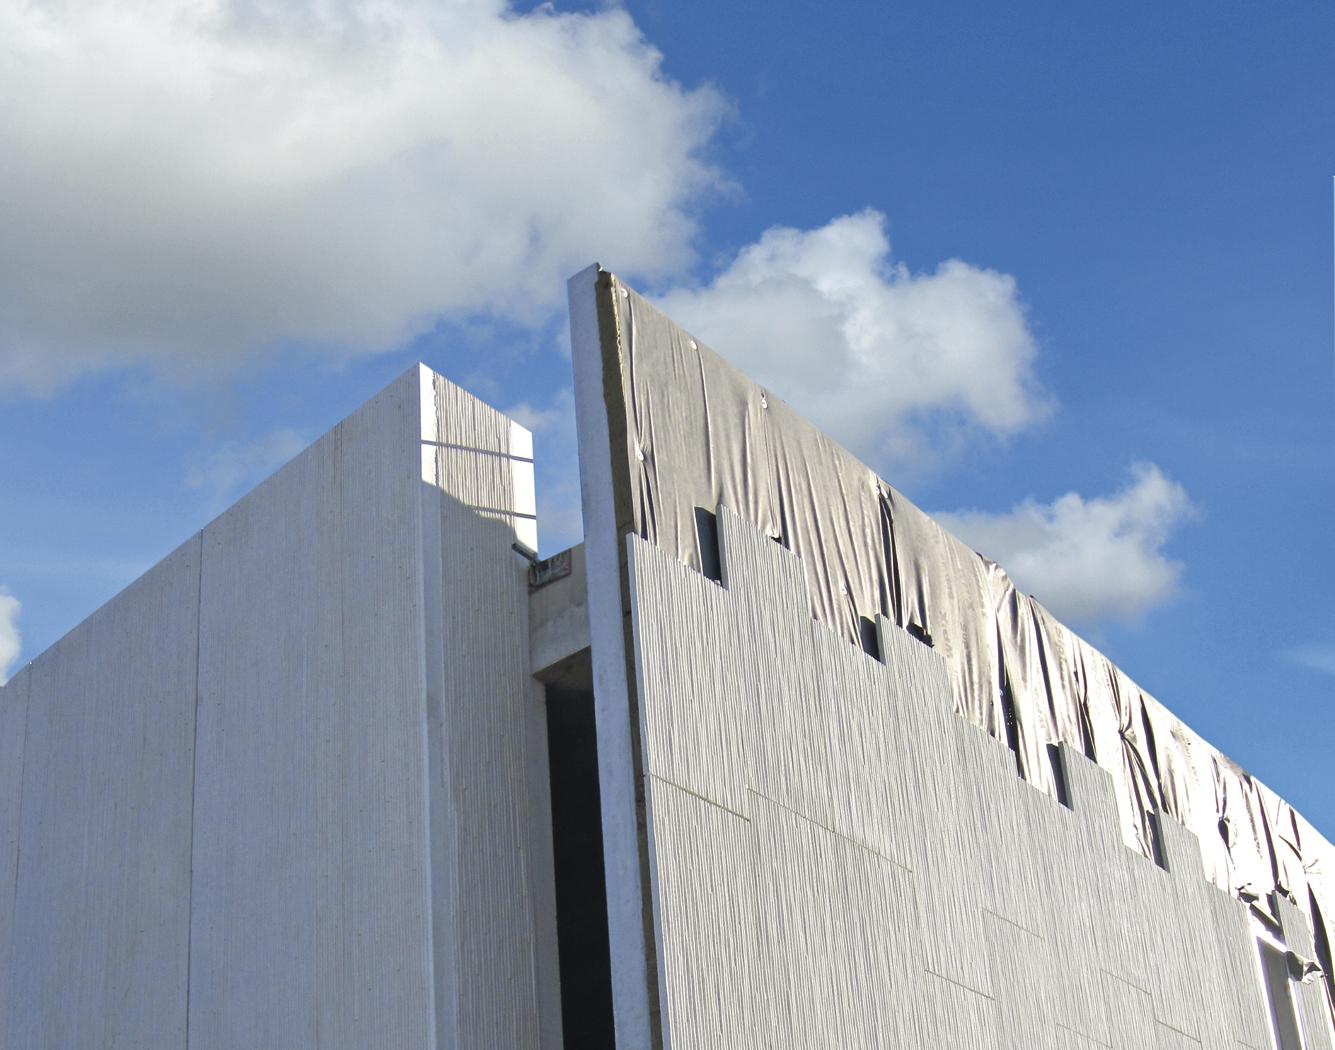 Parement lourd en béton utilisé en architecture de bâtiment